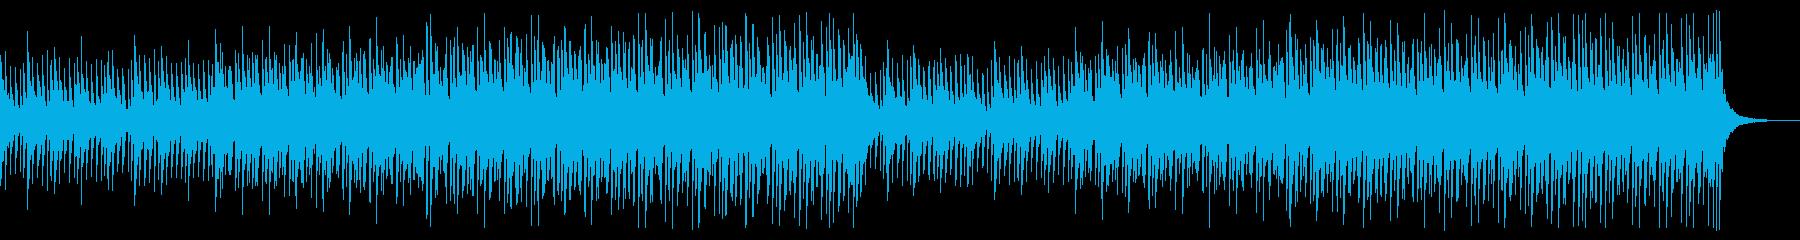 ベース無しver ゆったり ピアノ&鉄琴の再生済みの波形